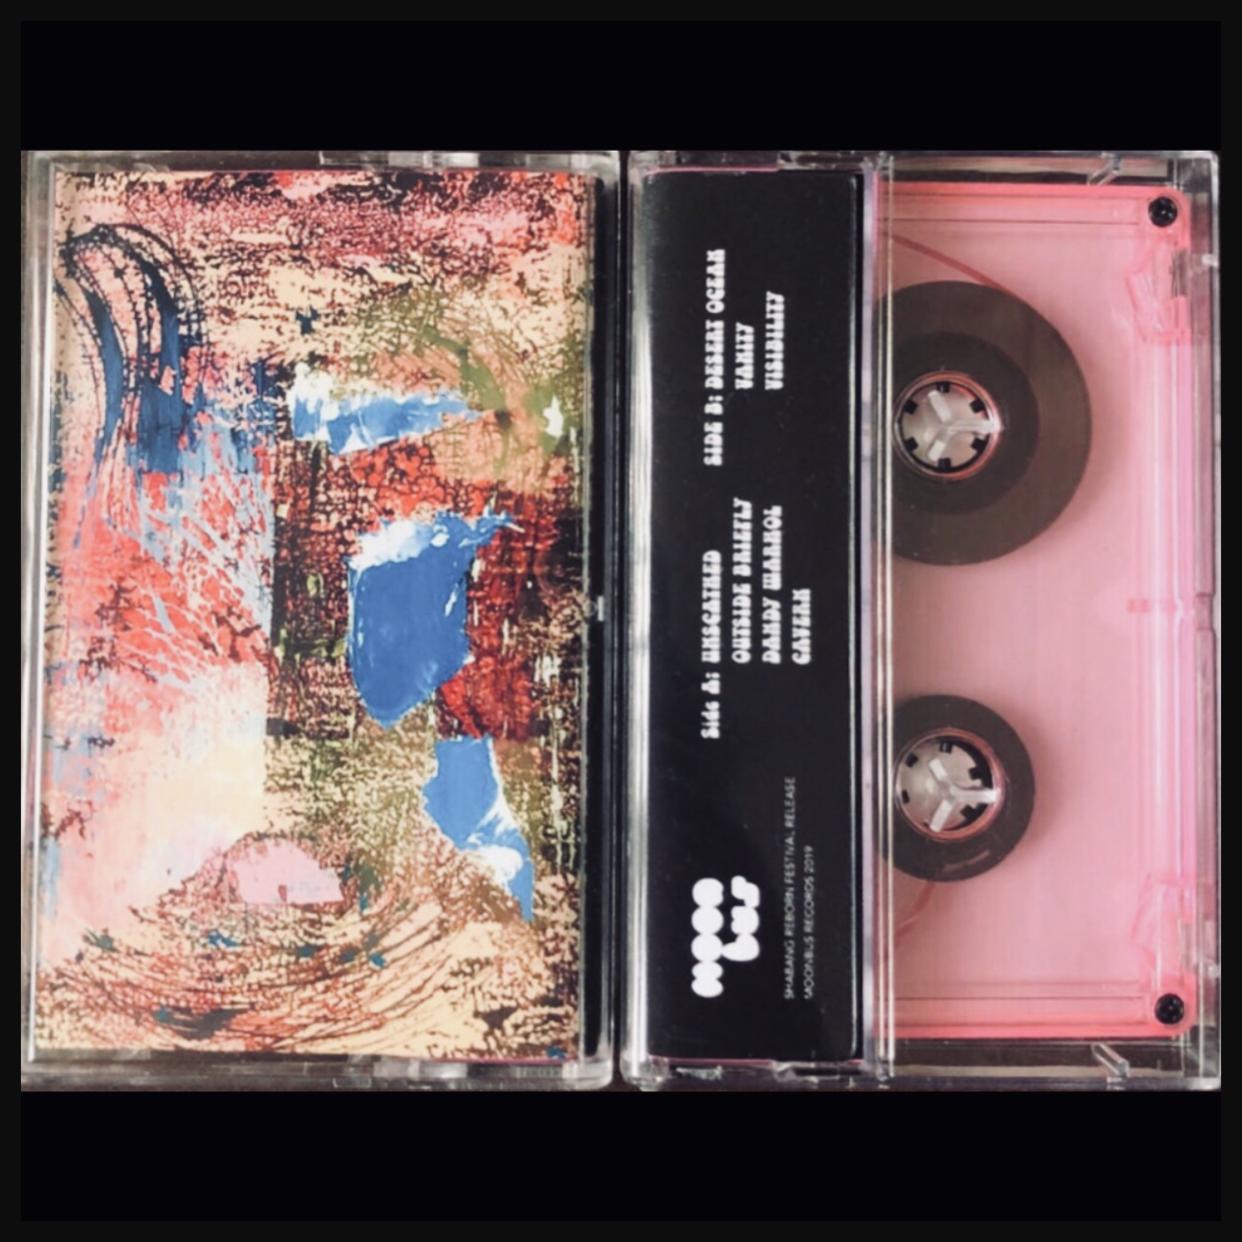 YOUTH Shabang Reborn Tape